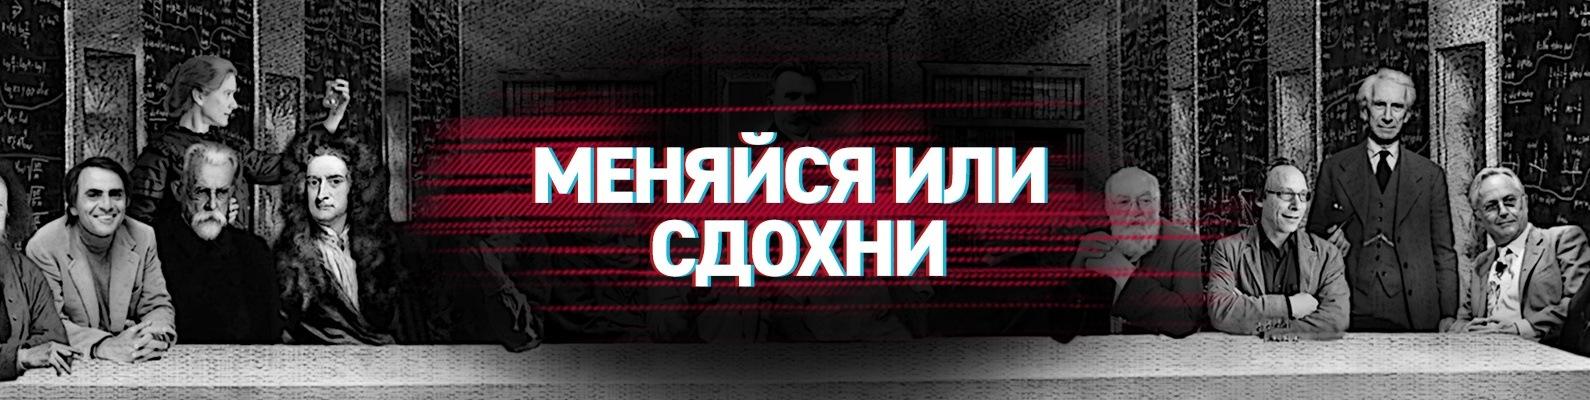 МЕНЯЙСЯ ИЛИ СДОХНИ FB2 СКАЧАТЬ БЕСПЛАТНО